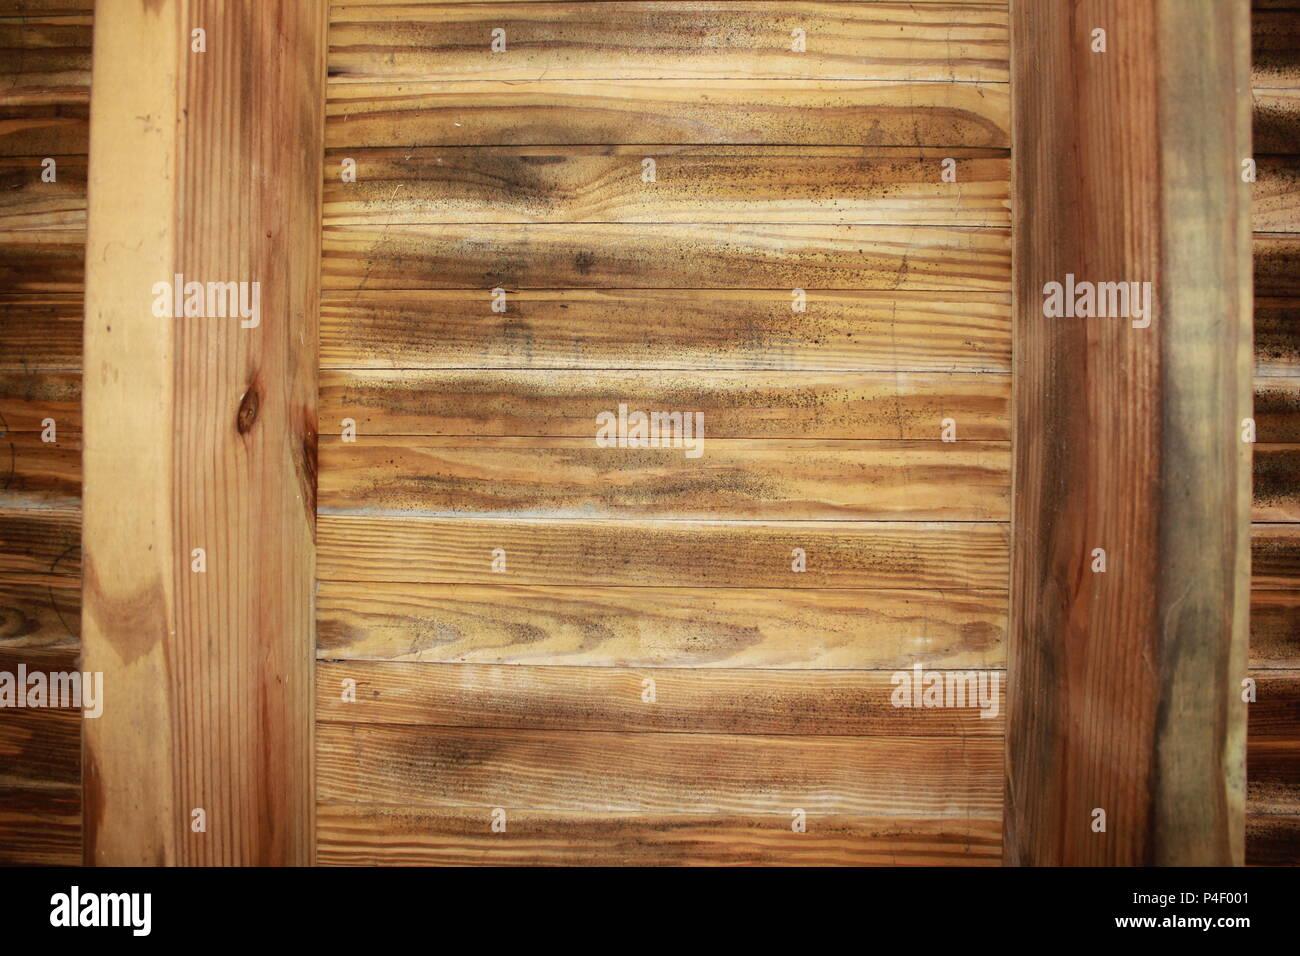 Lato inferiore incorniciatura di legno di un backyard deck. Immagini Stock